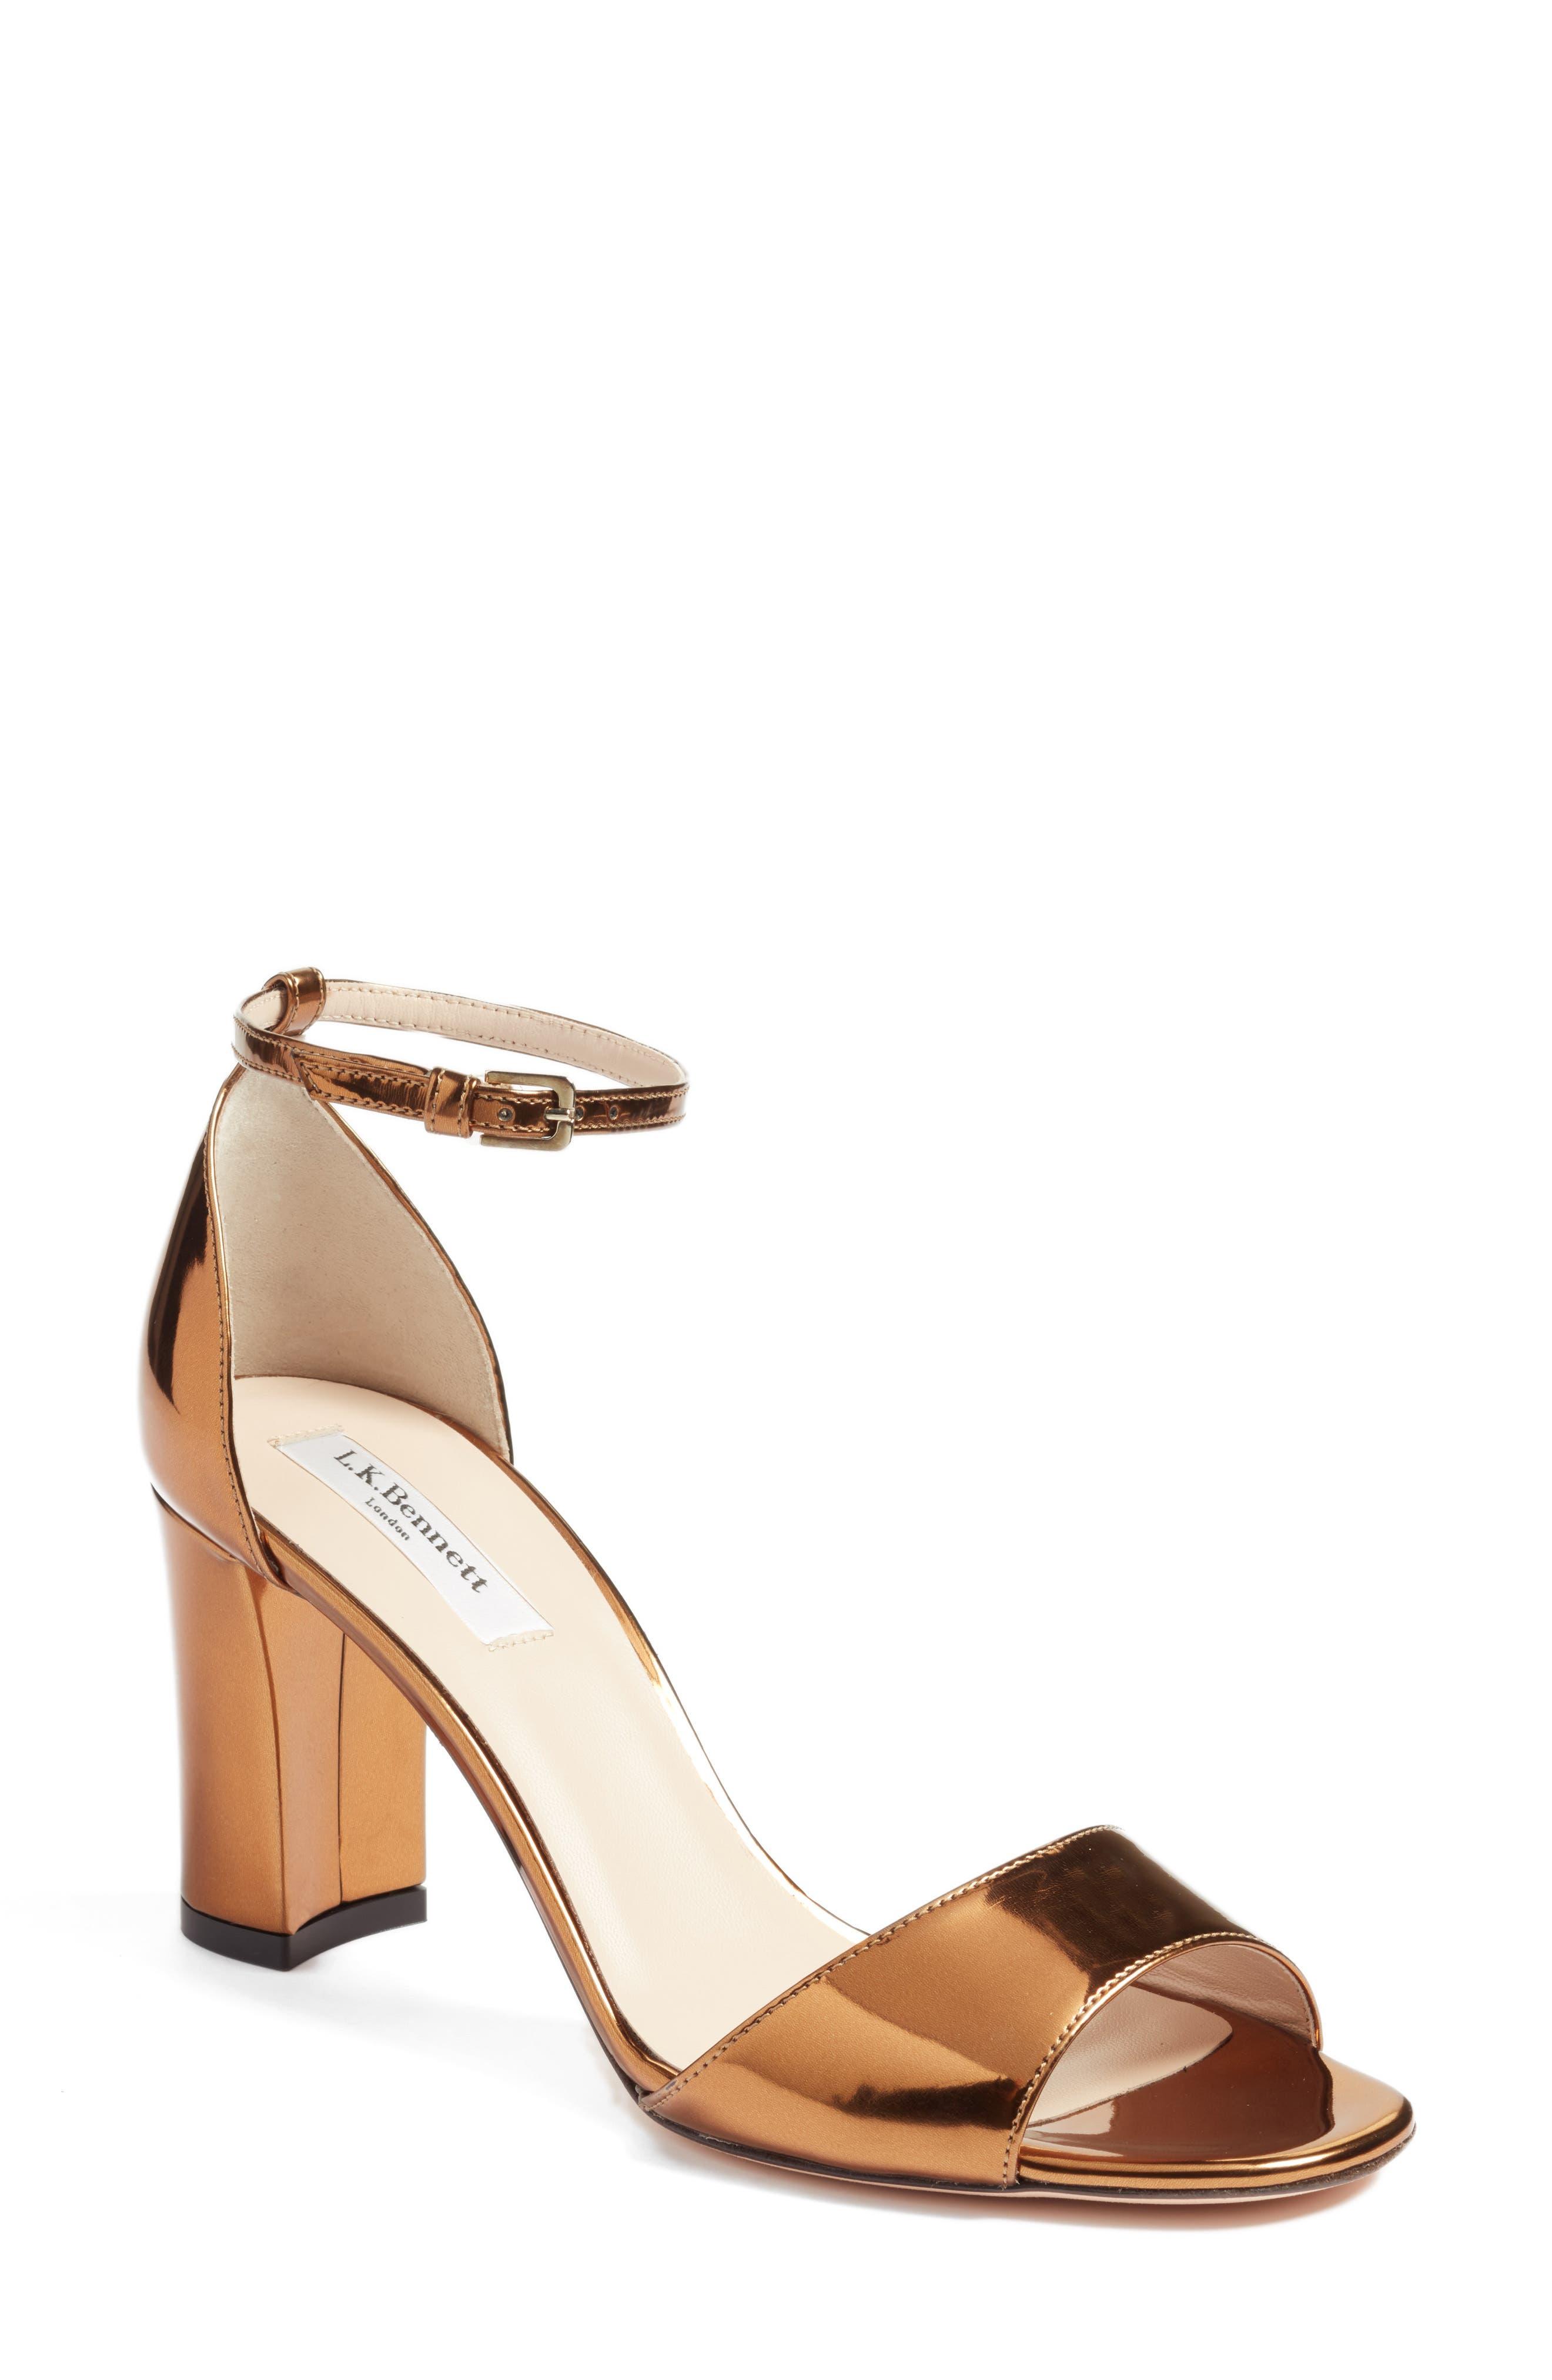 Main Image - L.K. Bennett 'Helena' Ankle Strap Block Heel Sandal (Women)